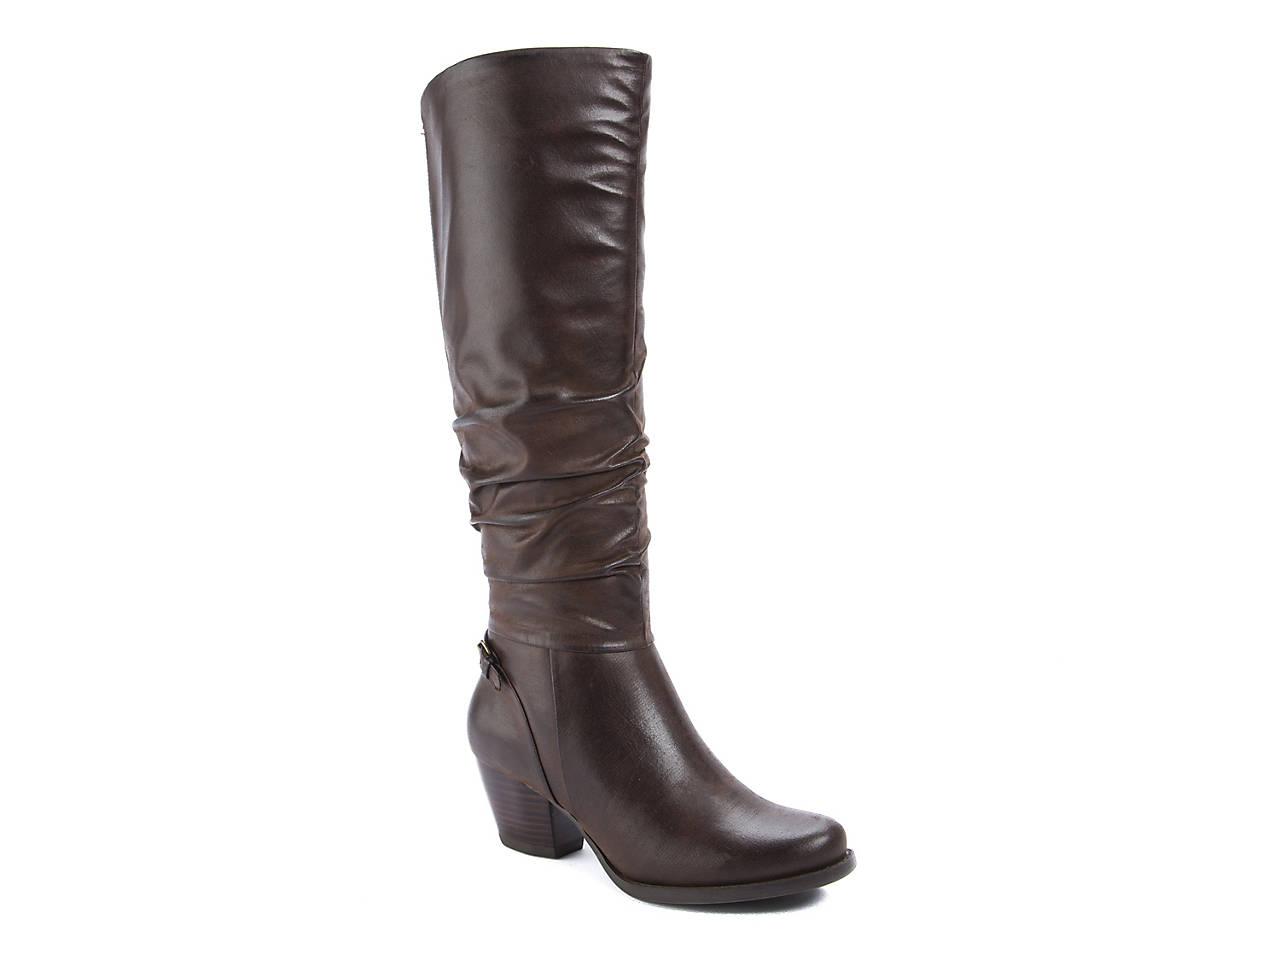 BareTraps Respect Boots 5Cwd8